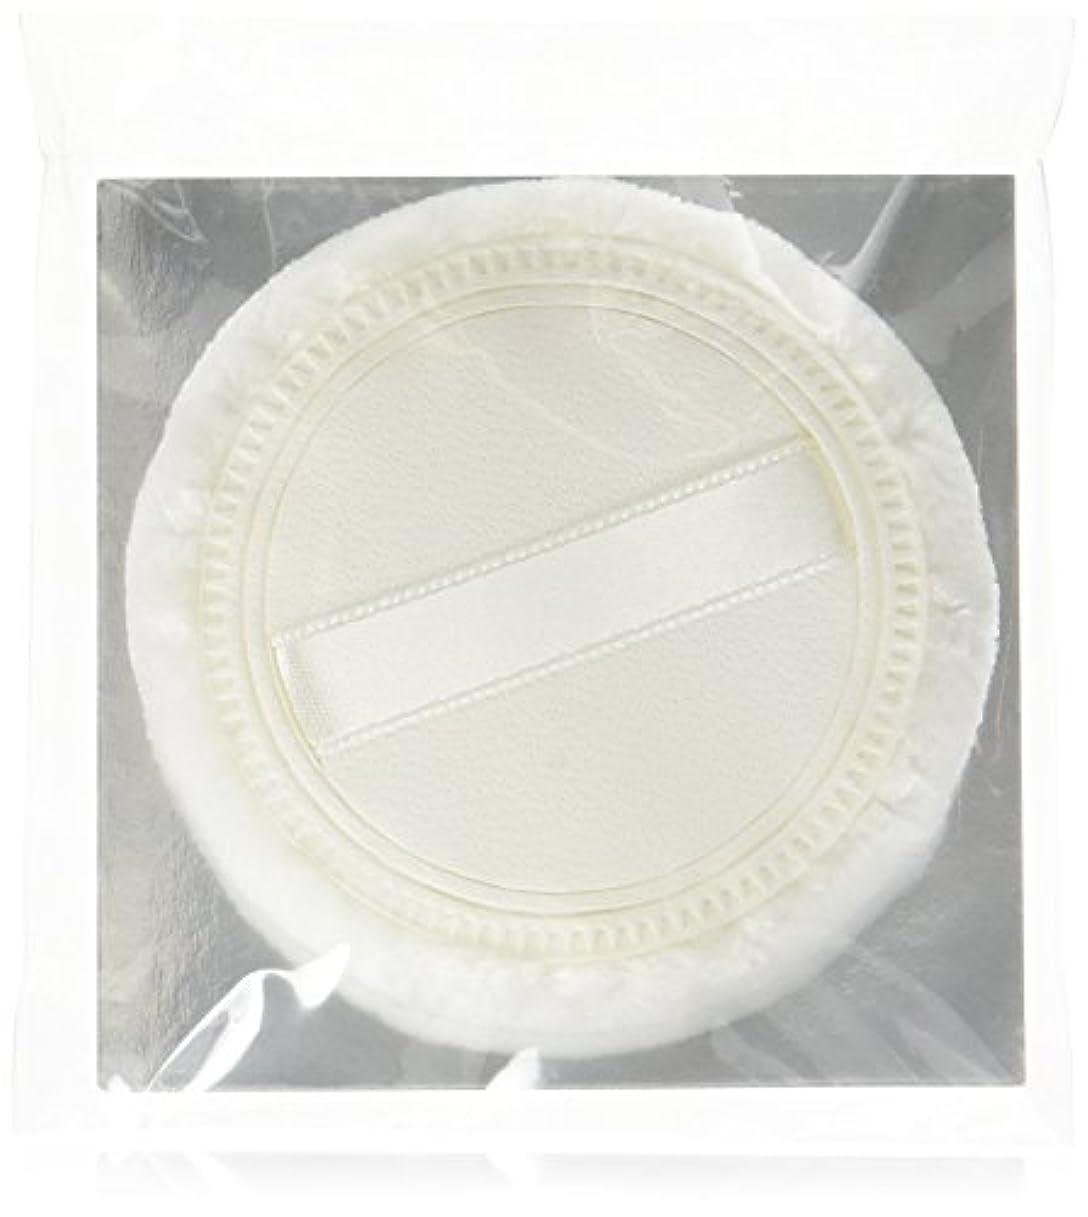 コットン特性中性ケサランパサラン シアーマイクロプレストパウダーパフS